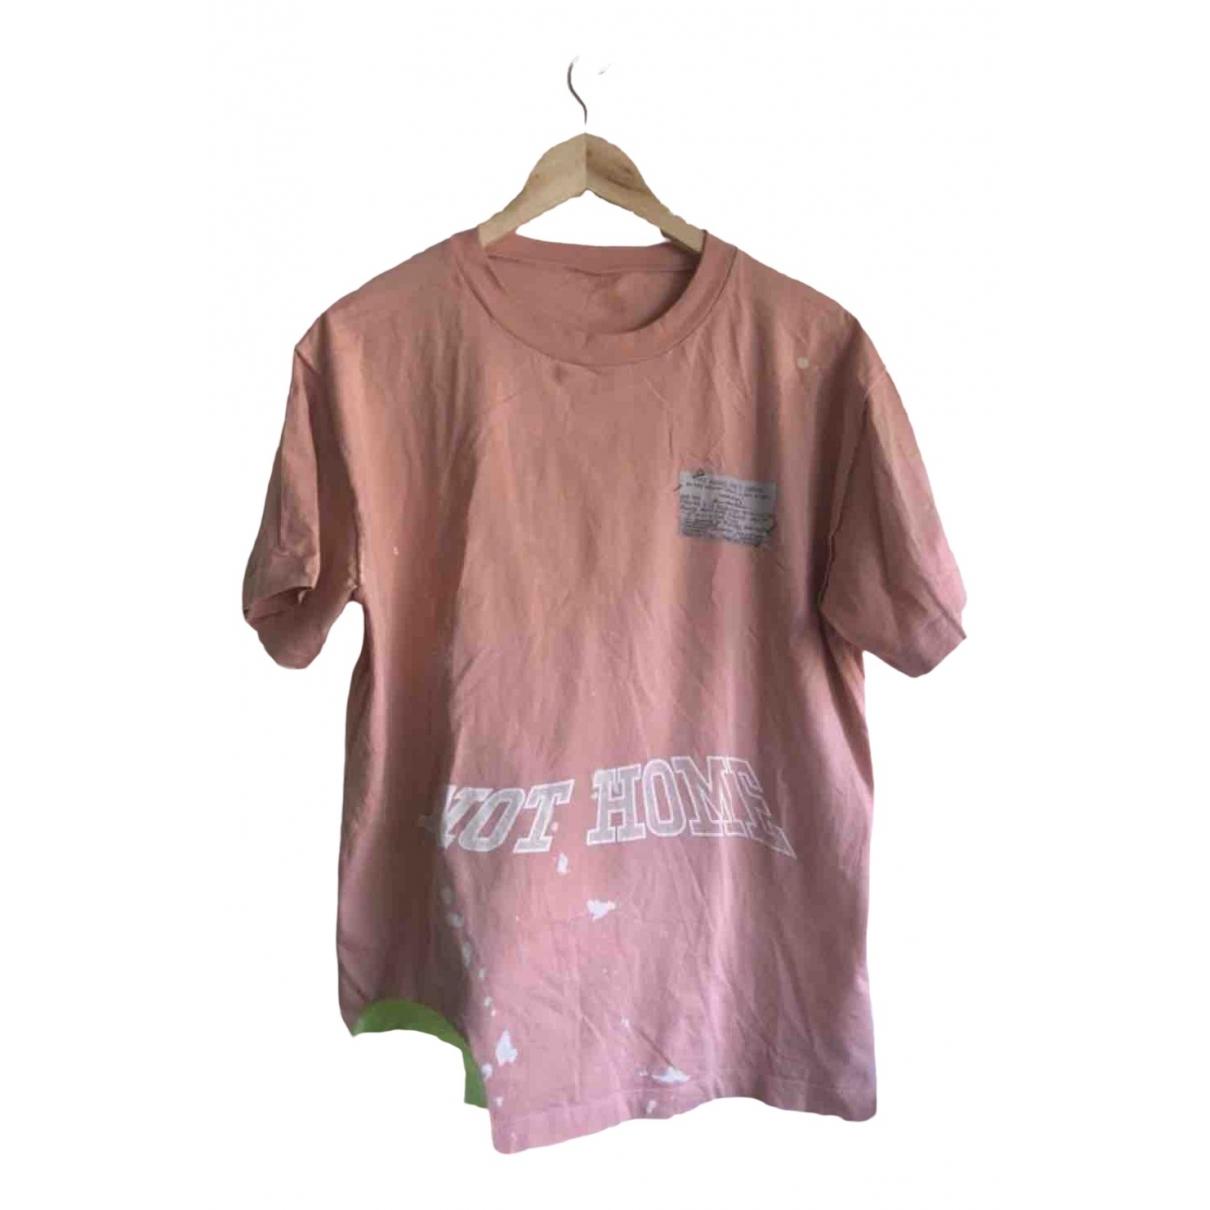 Louis Vuitton - Tee shirts   pour homme en coton - rose